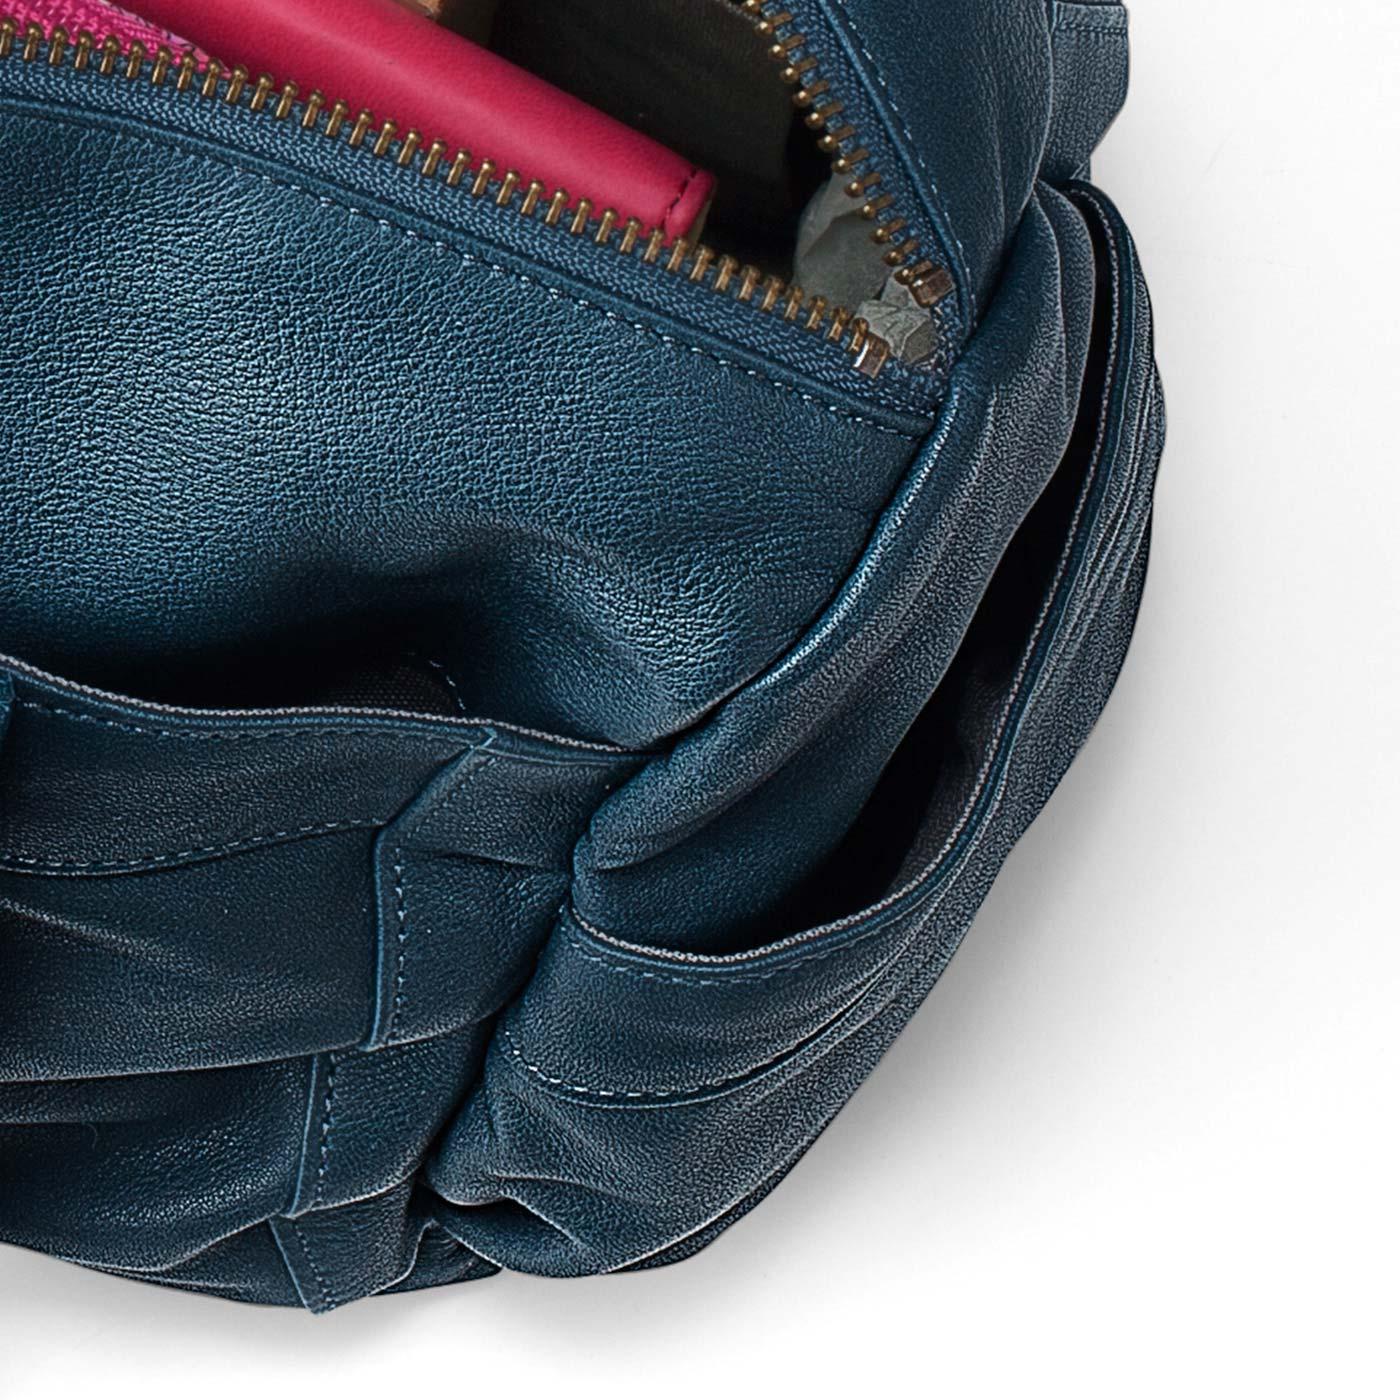 側面にあるオープンポケットは小物収納に便利。